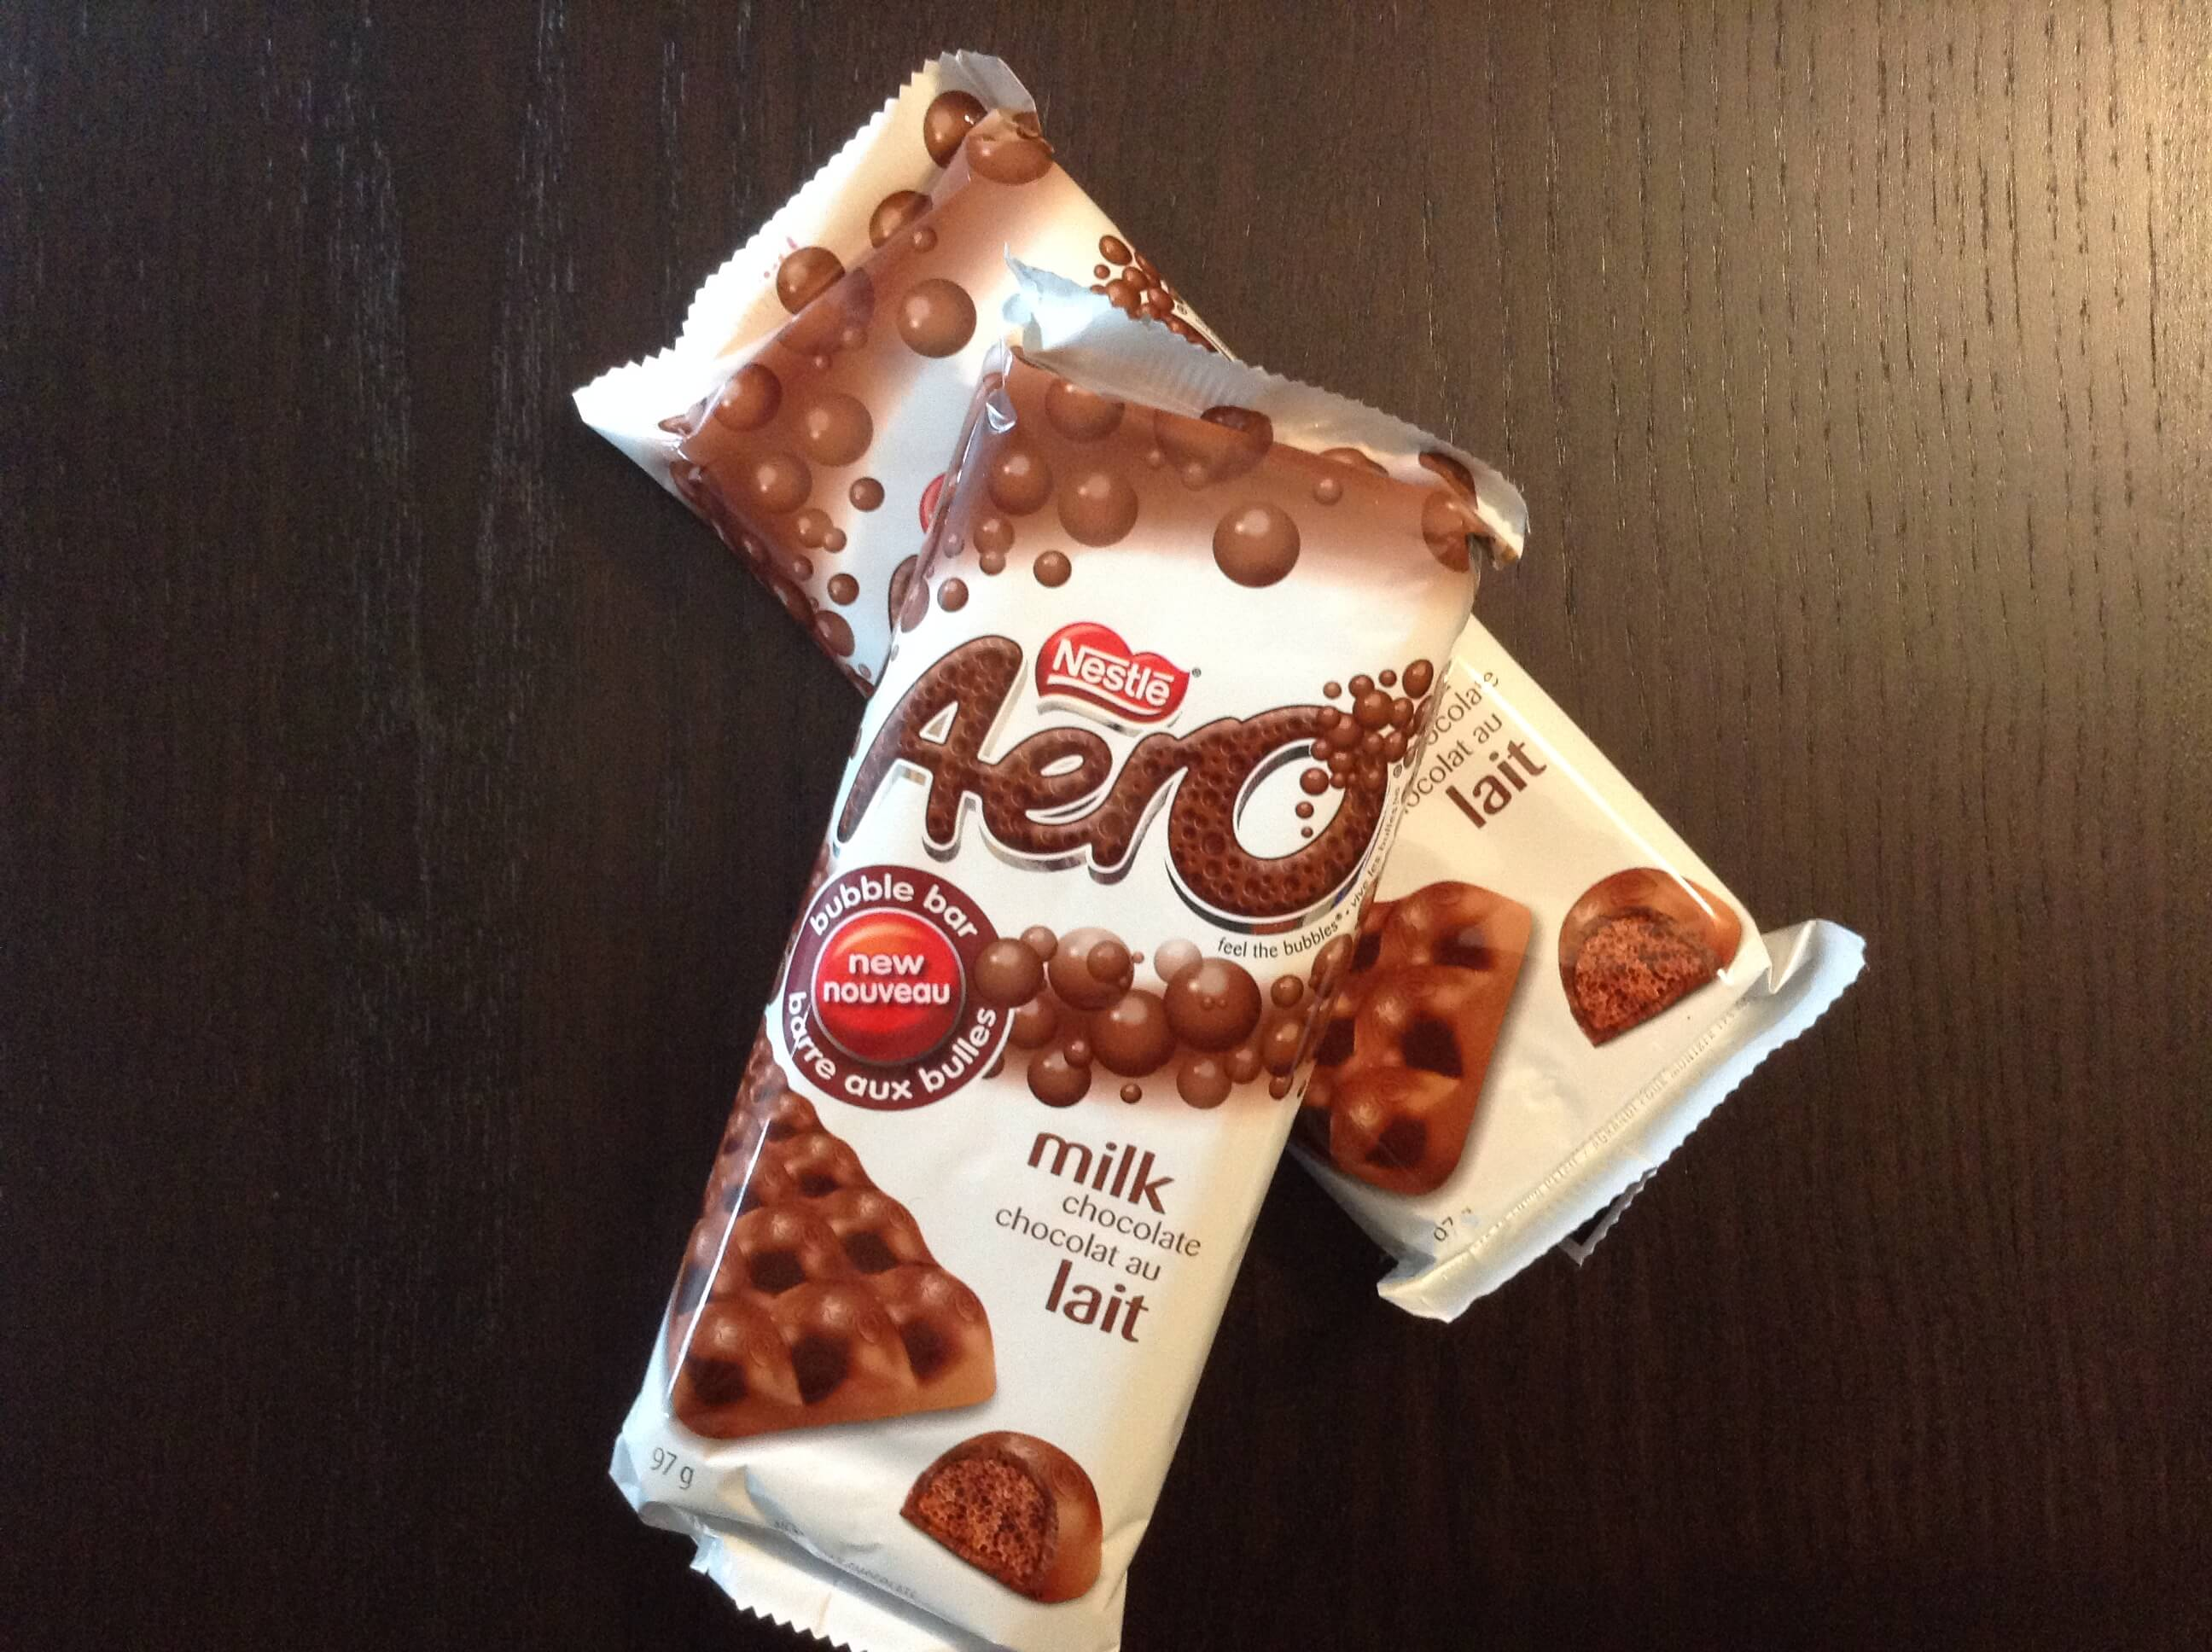 Tablettes de chocolat Nestlé Aéro